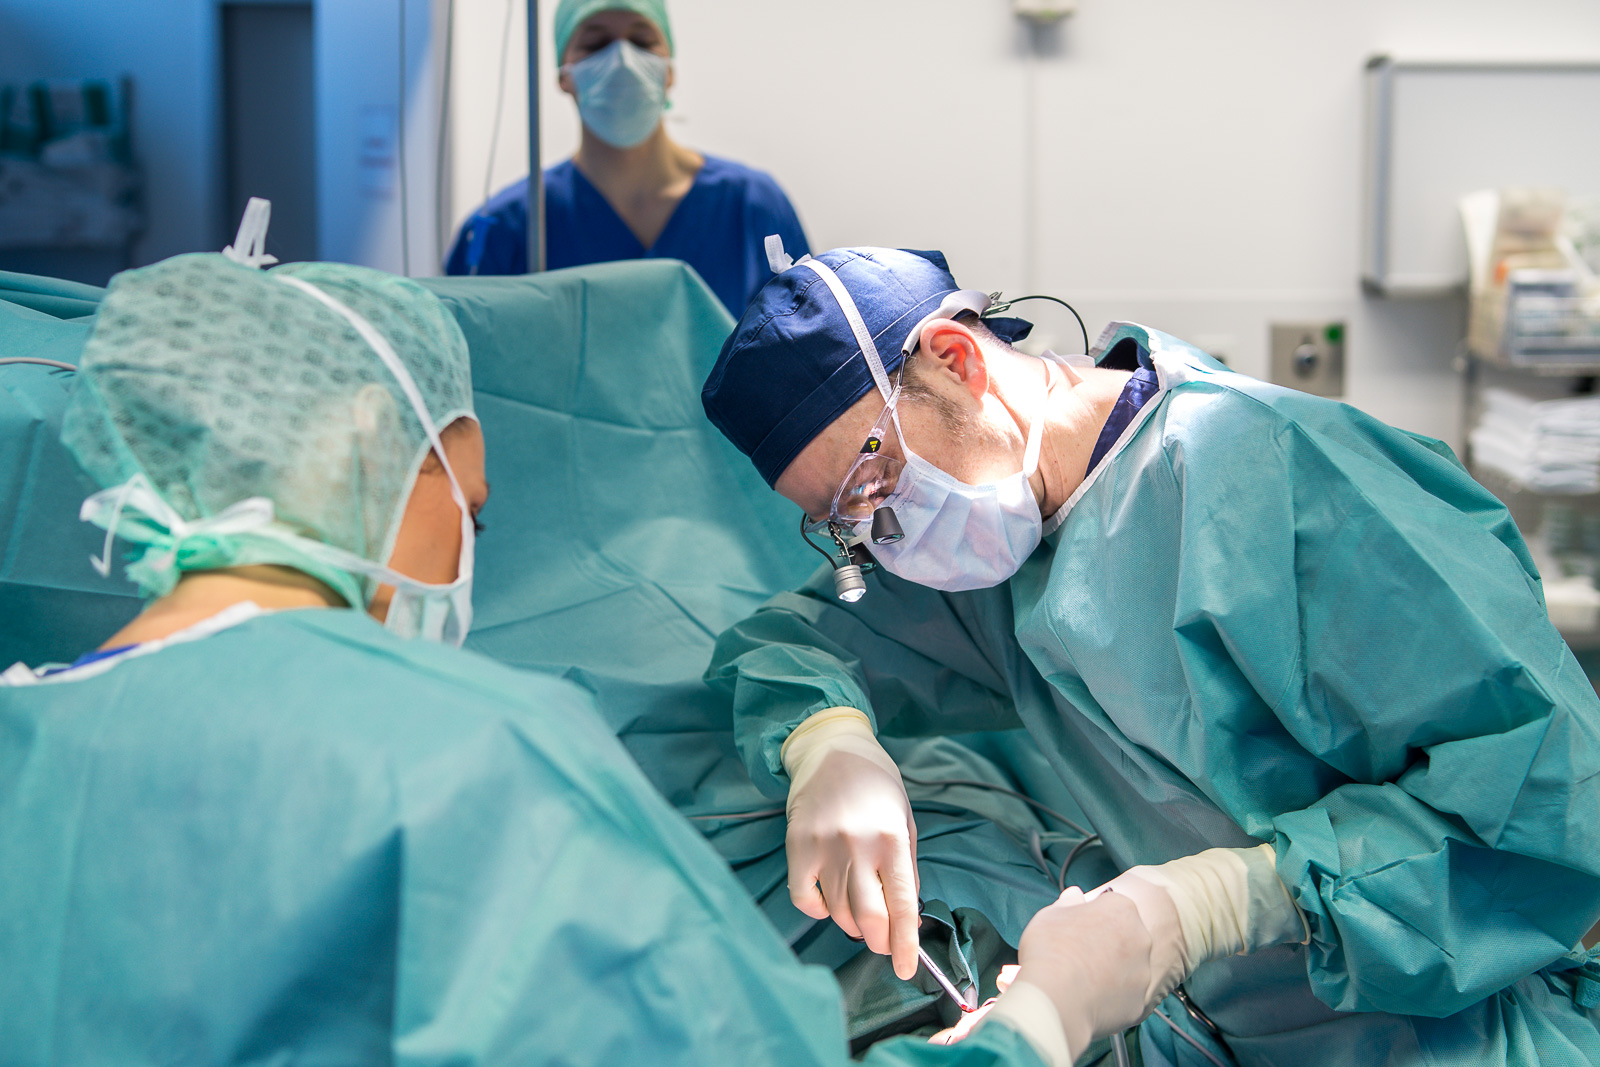 Unternehmensreportage - Dr. Sattler während einer Operation